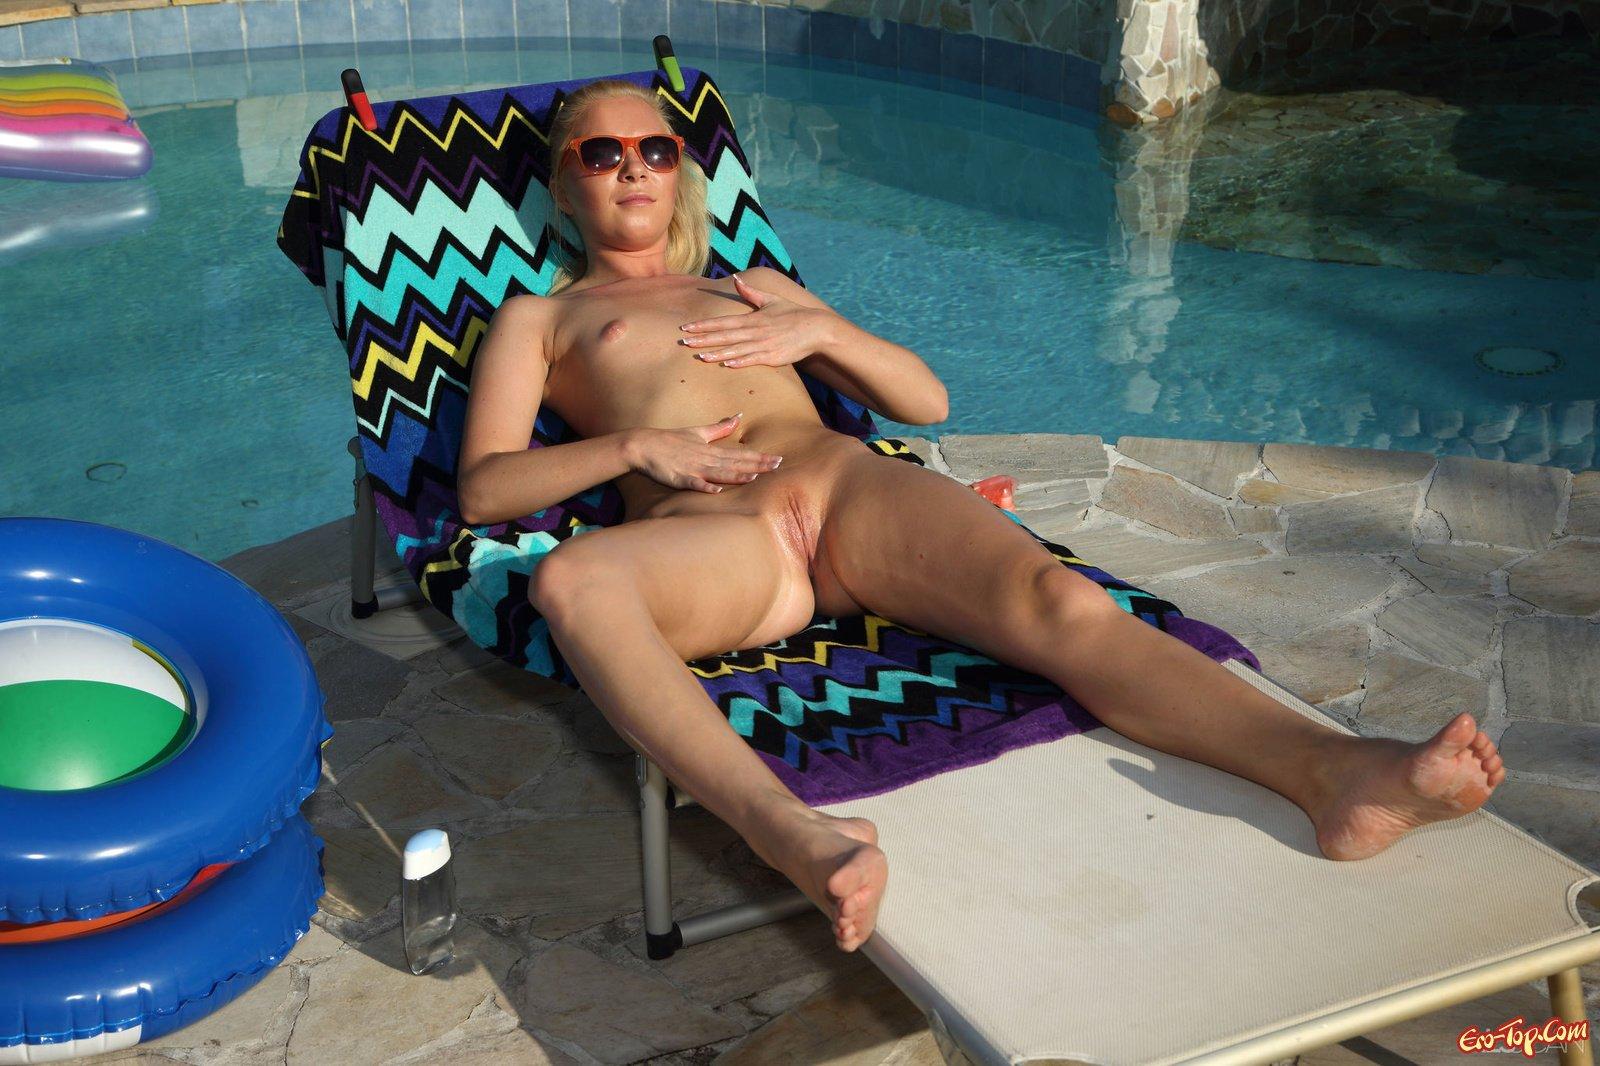 Светлая порноактриса засветила вагину недалеко от бассейна